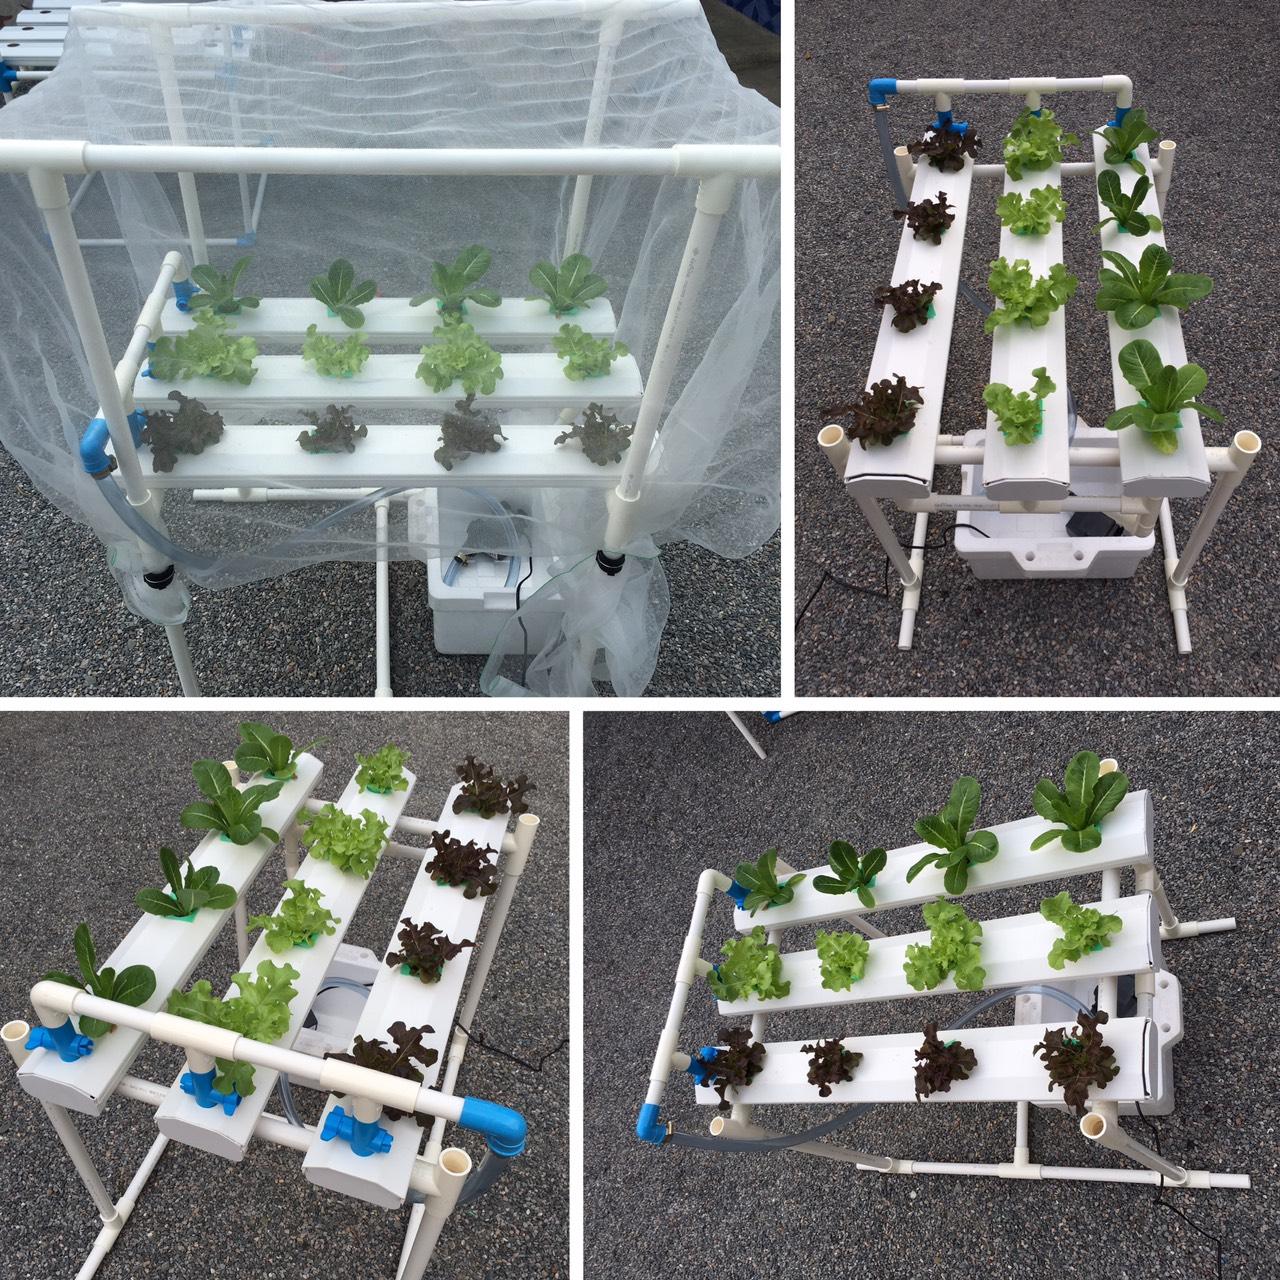 ชุดปลูกผักไฮโดรโปนิกส์ (hydroponics set)12 ช่องปลูก